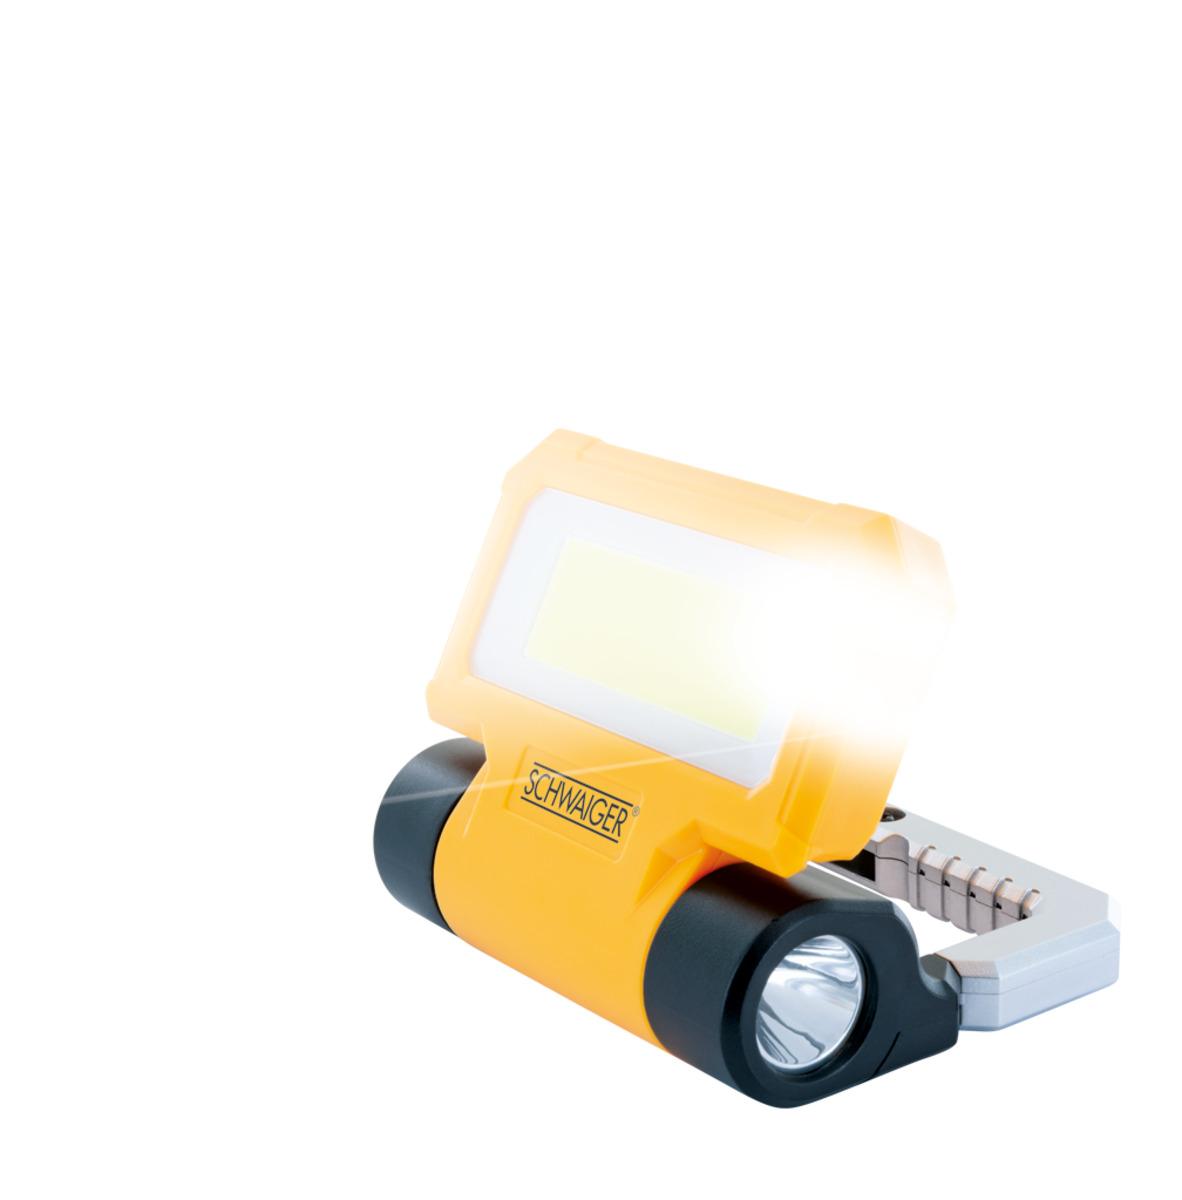 Bild 3 von Schwaiger Arbeitsleuchte mit integrierter Taschenlampe